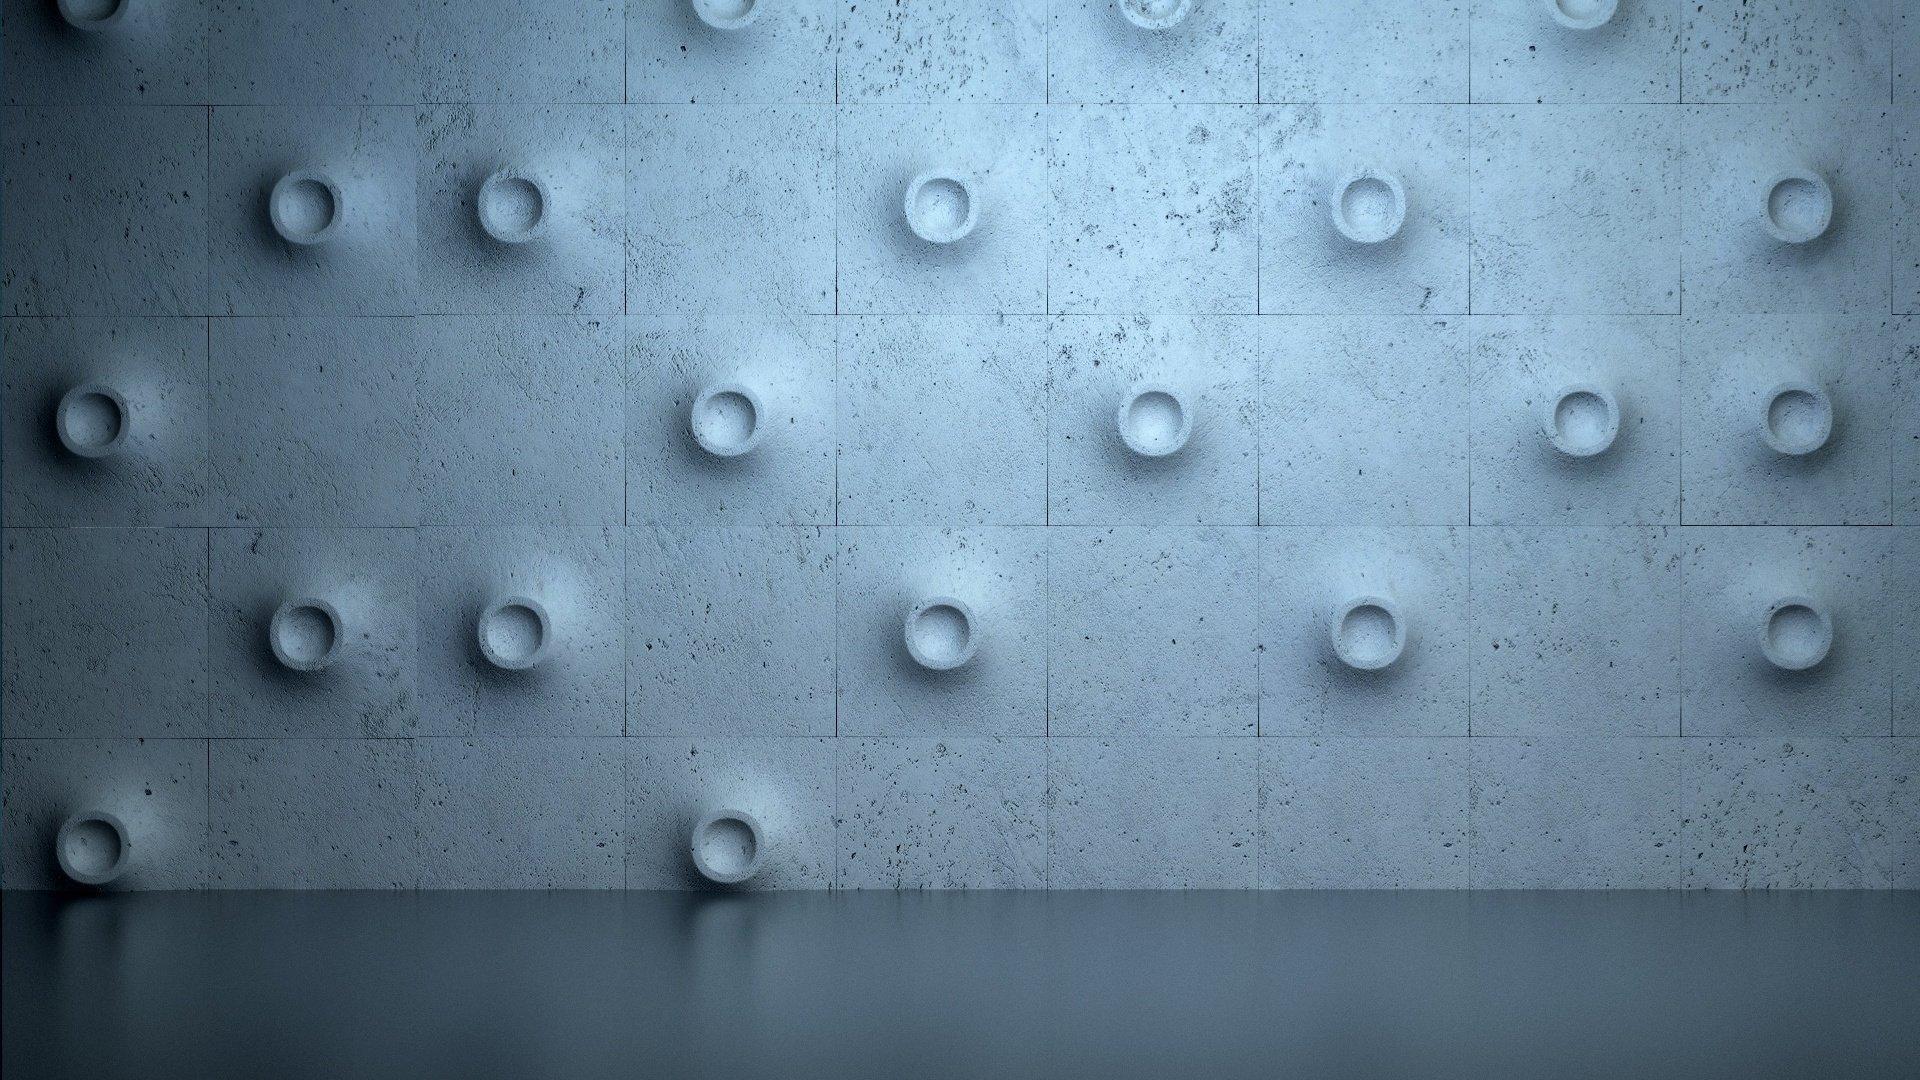 пол стена текстура без смс